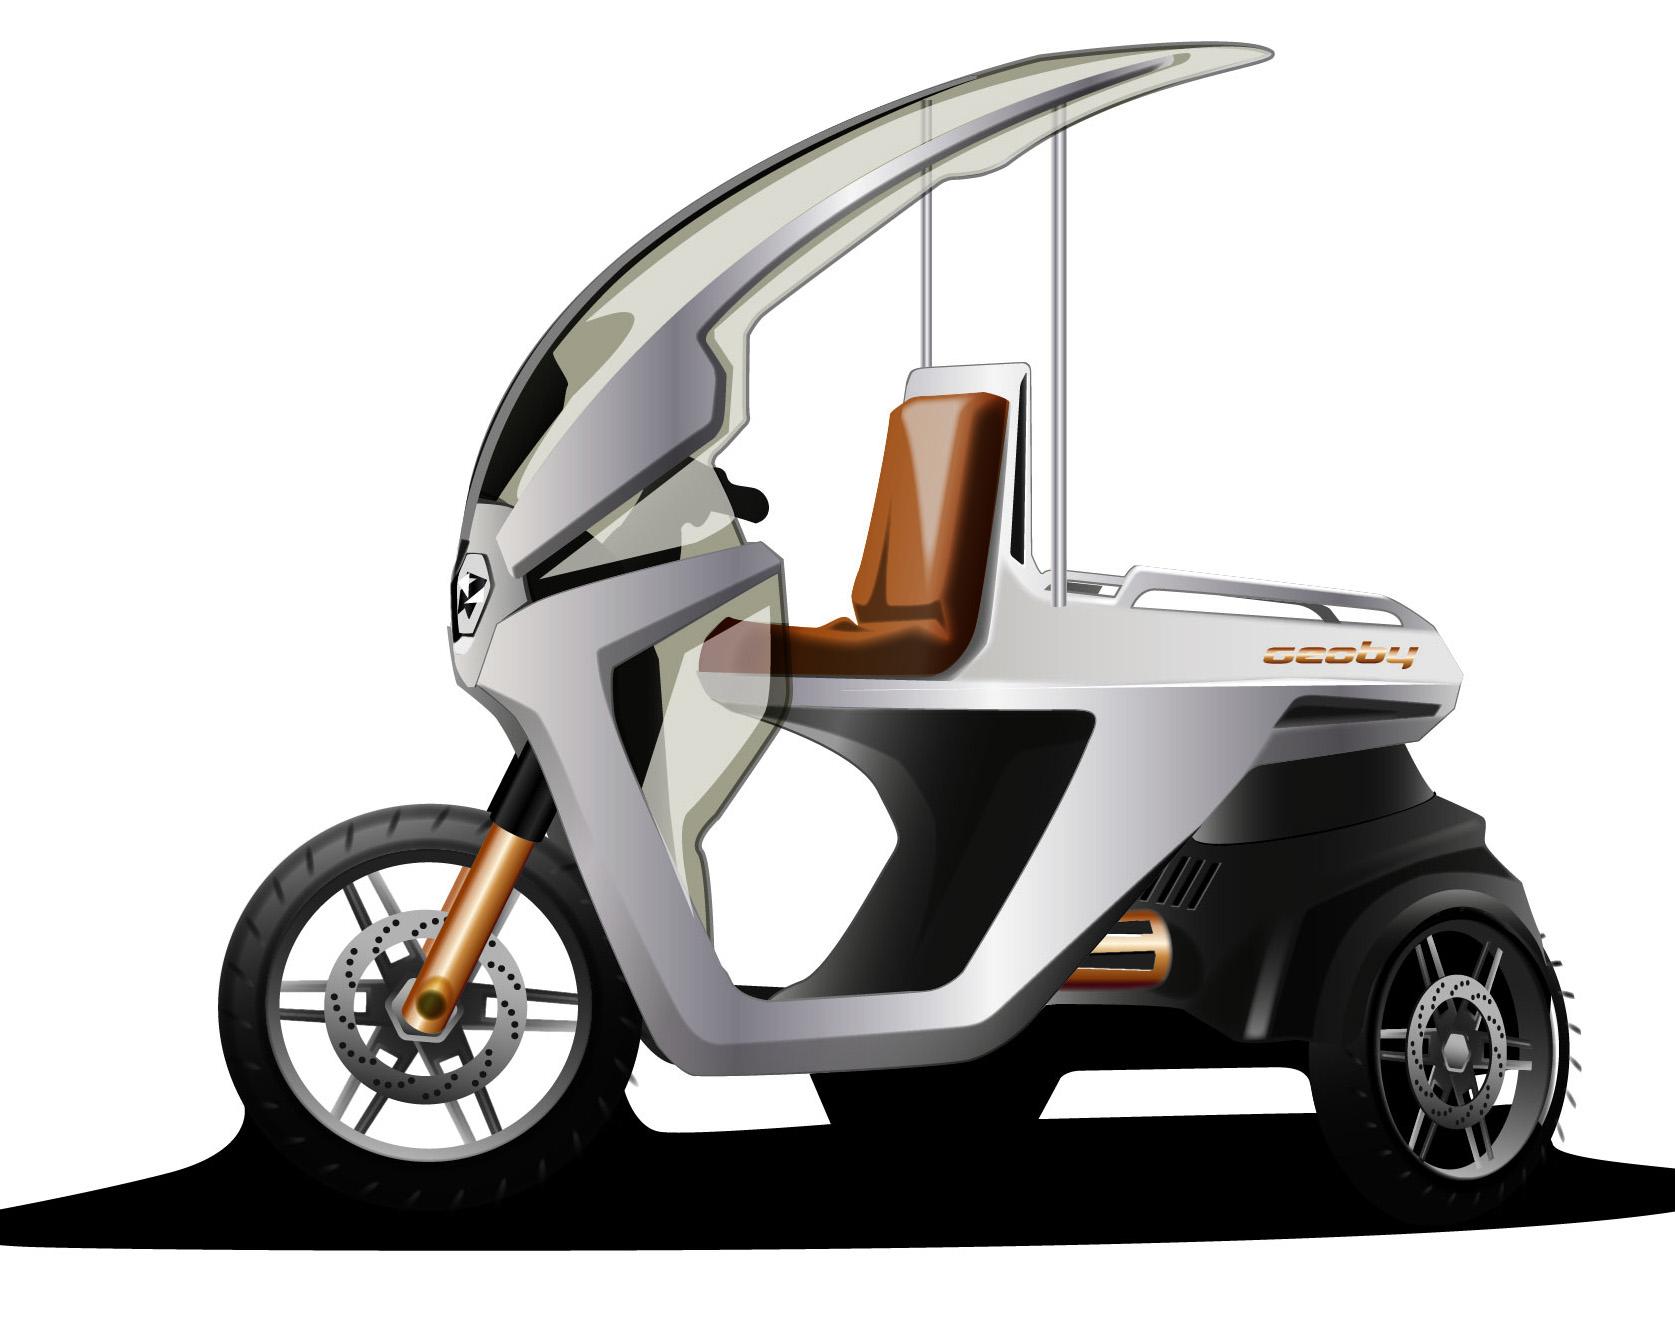 Geoby_Designstudie Cargo Dreirad